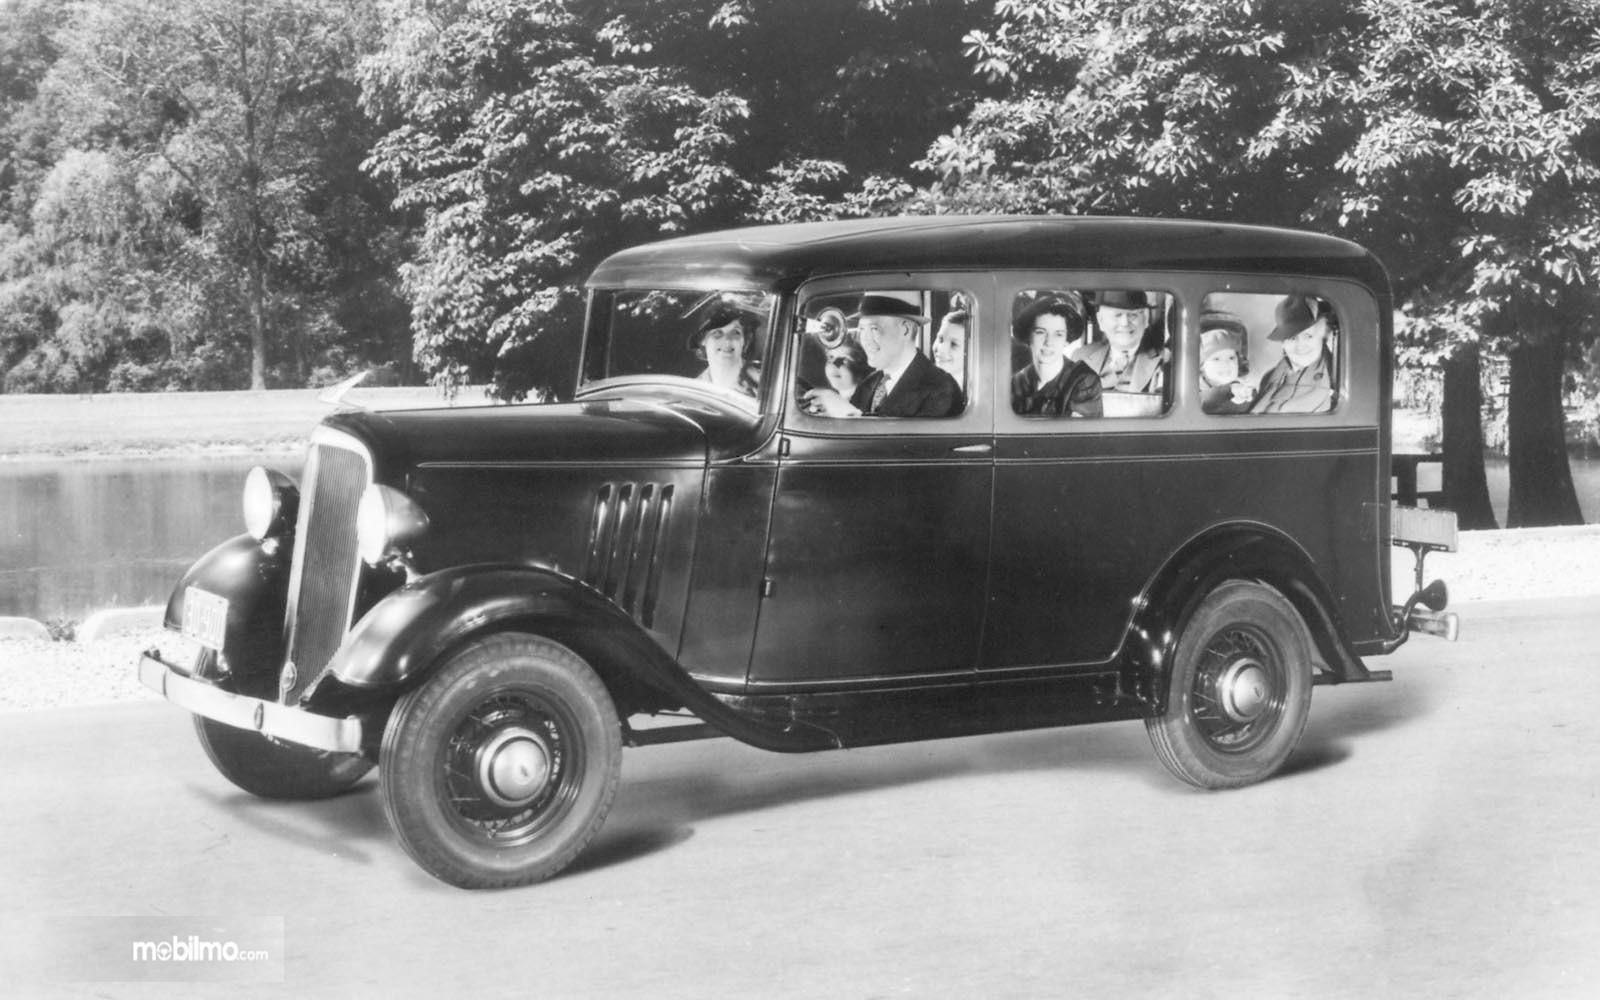 Foto mobil Chevrolet Suburban Carryall 1935 tampak dari samping